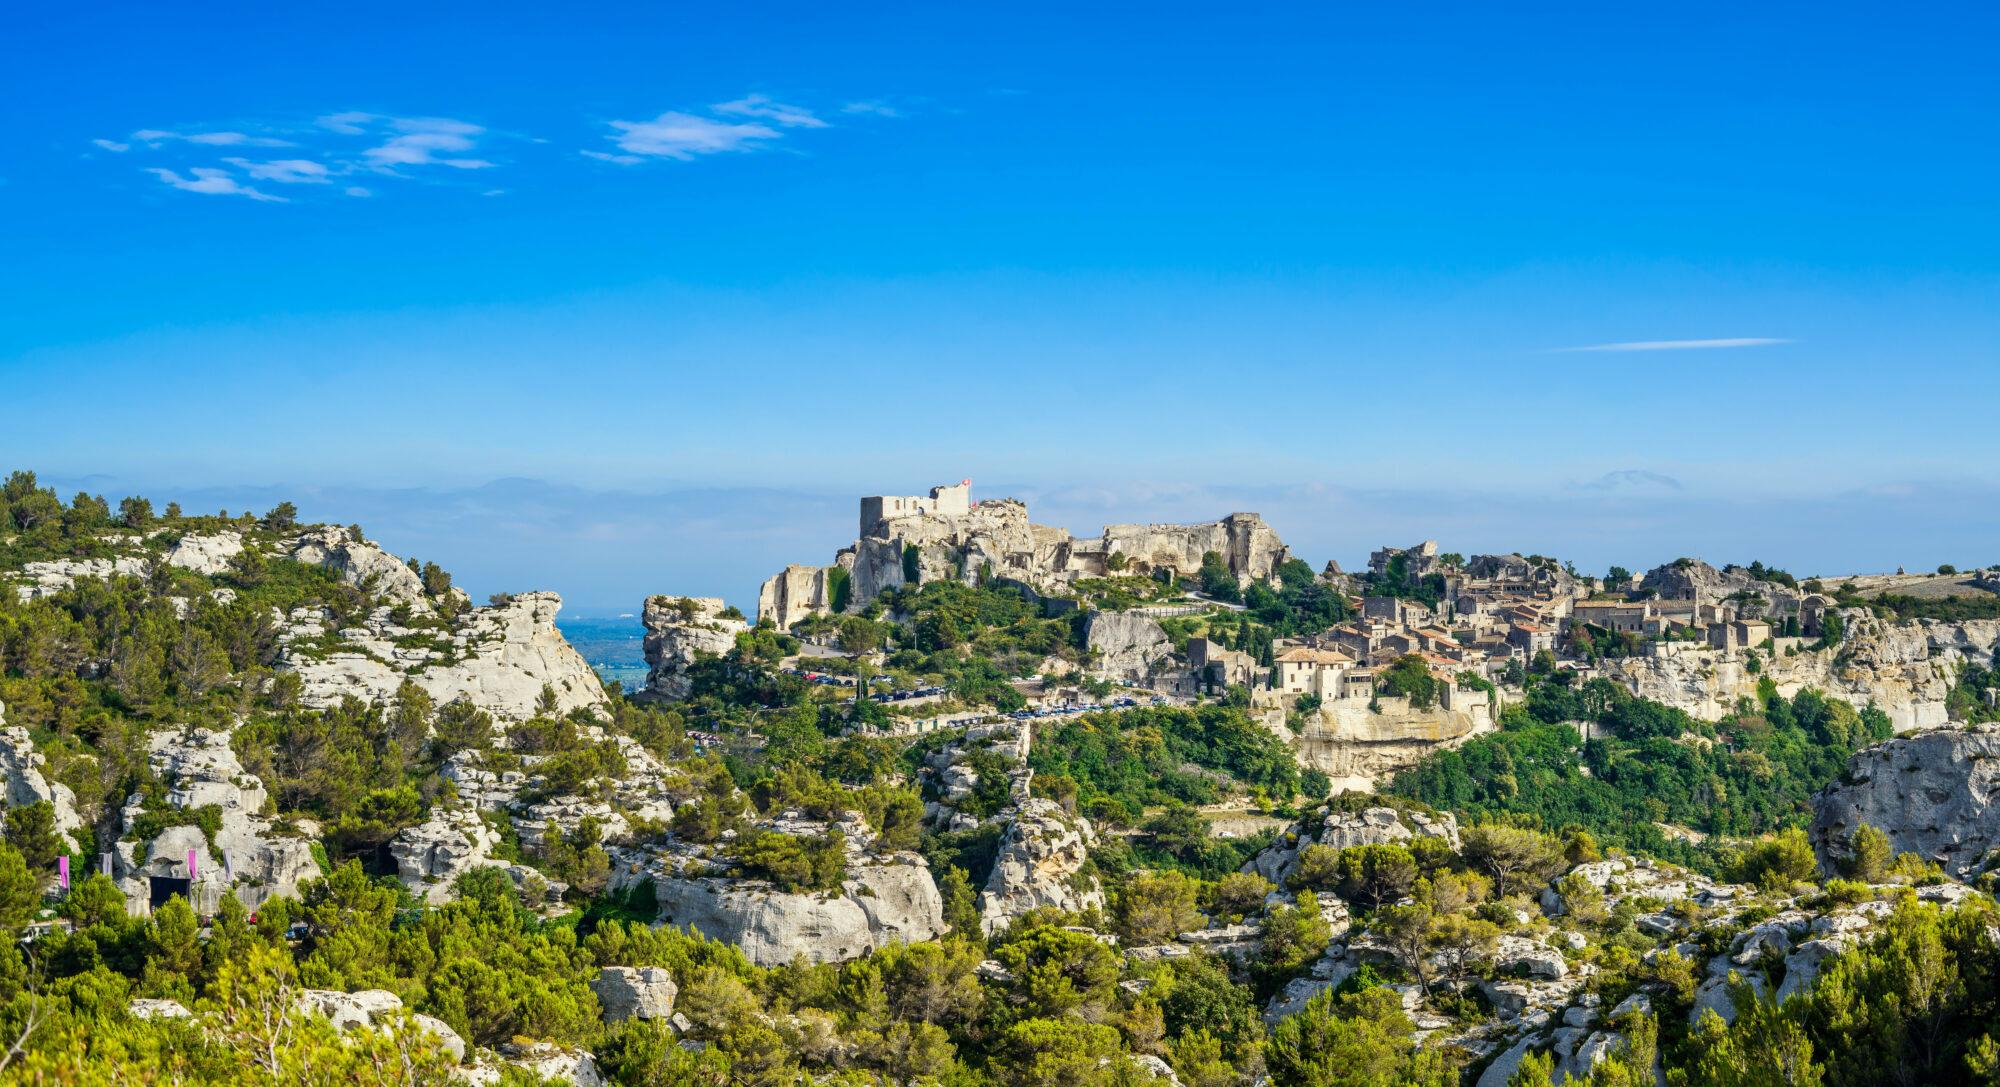 Les Baux de Provence village panoramic view. France, Europe.